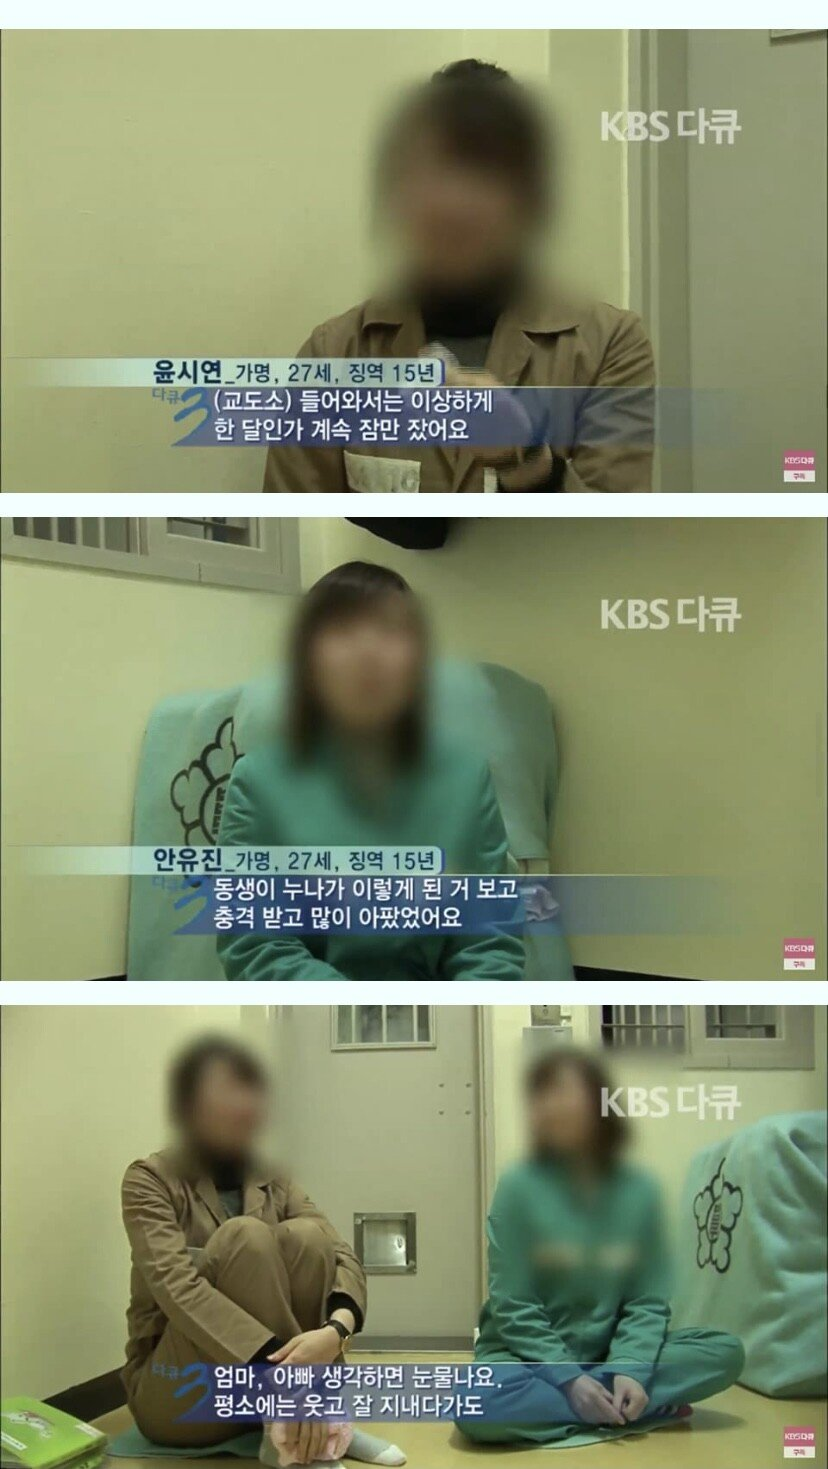 17살에 15년형 선고 받은 여성수감자